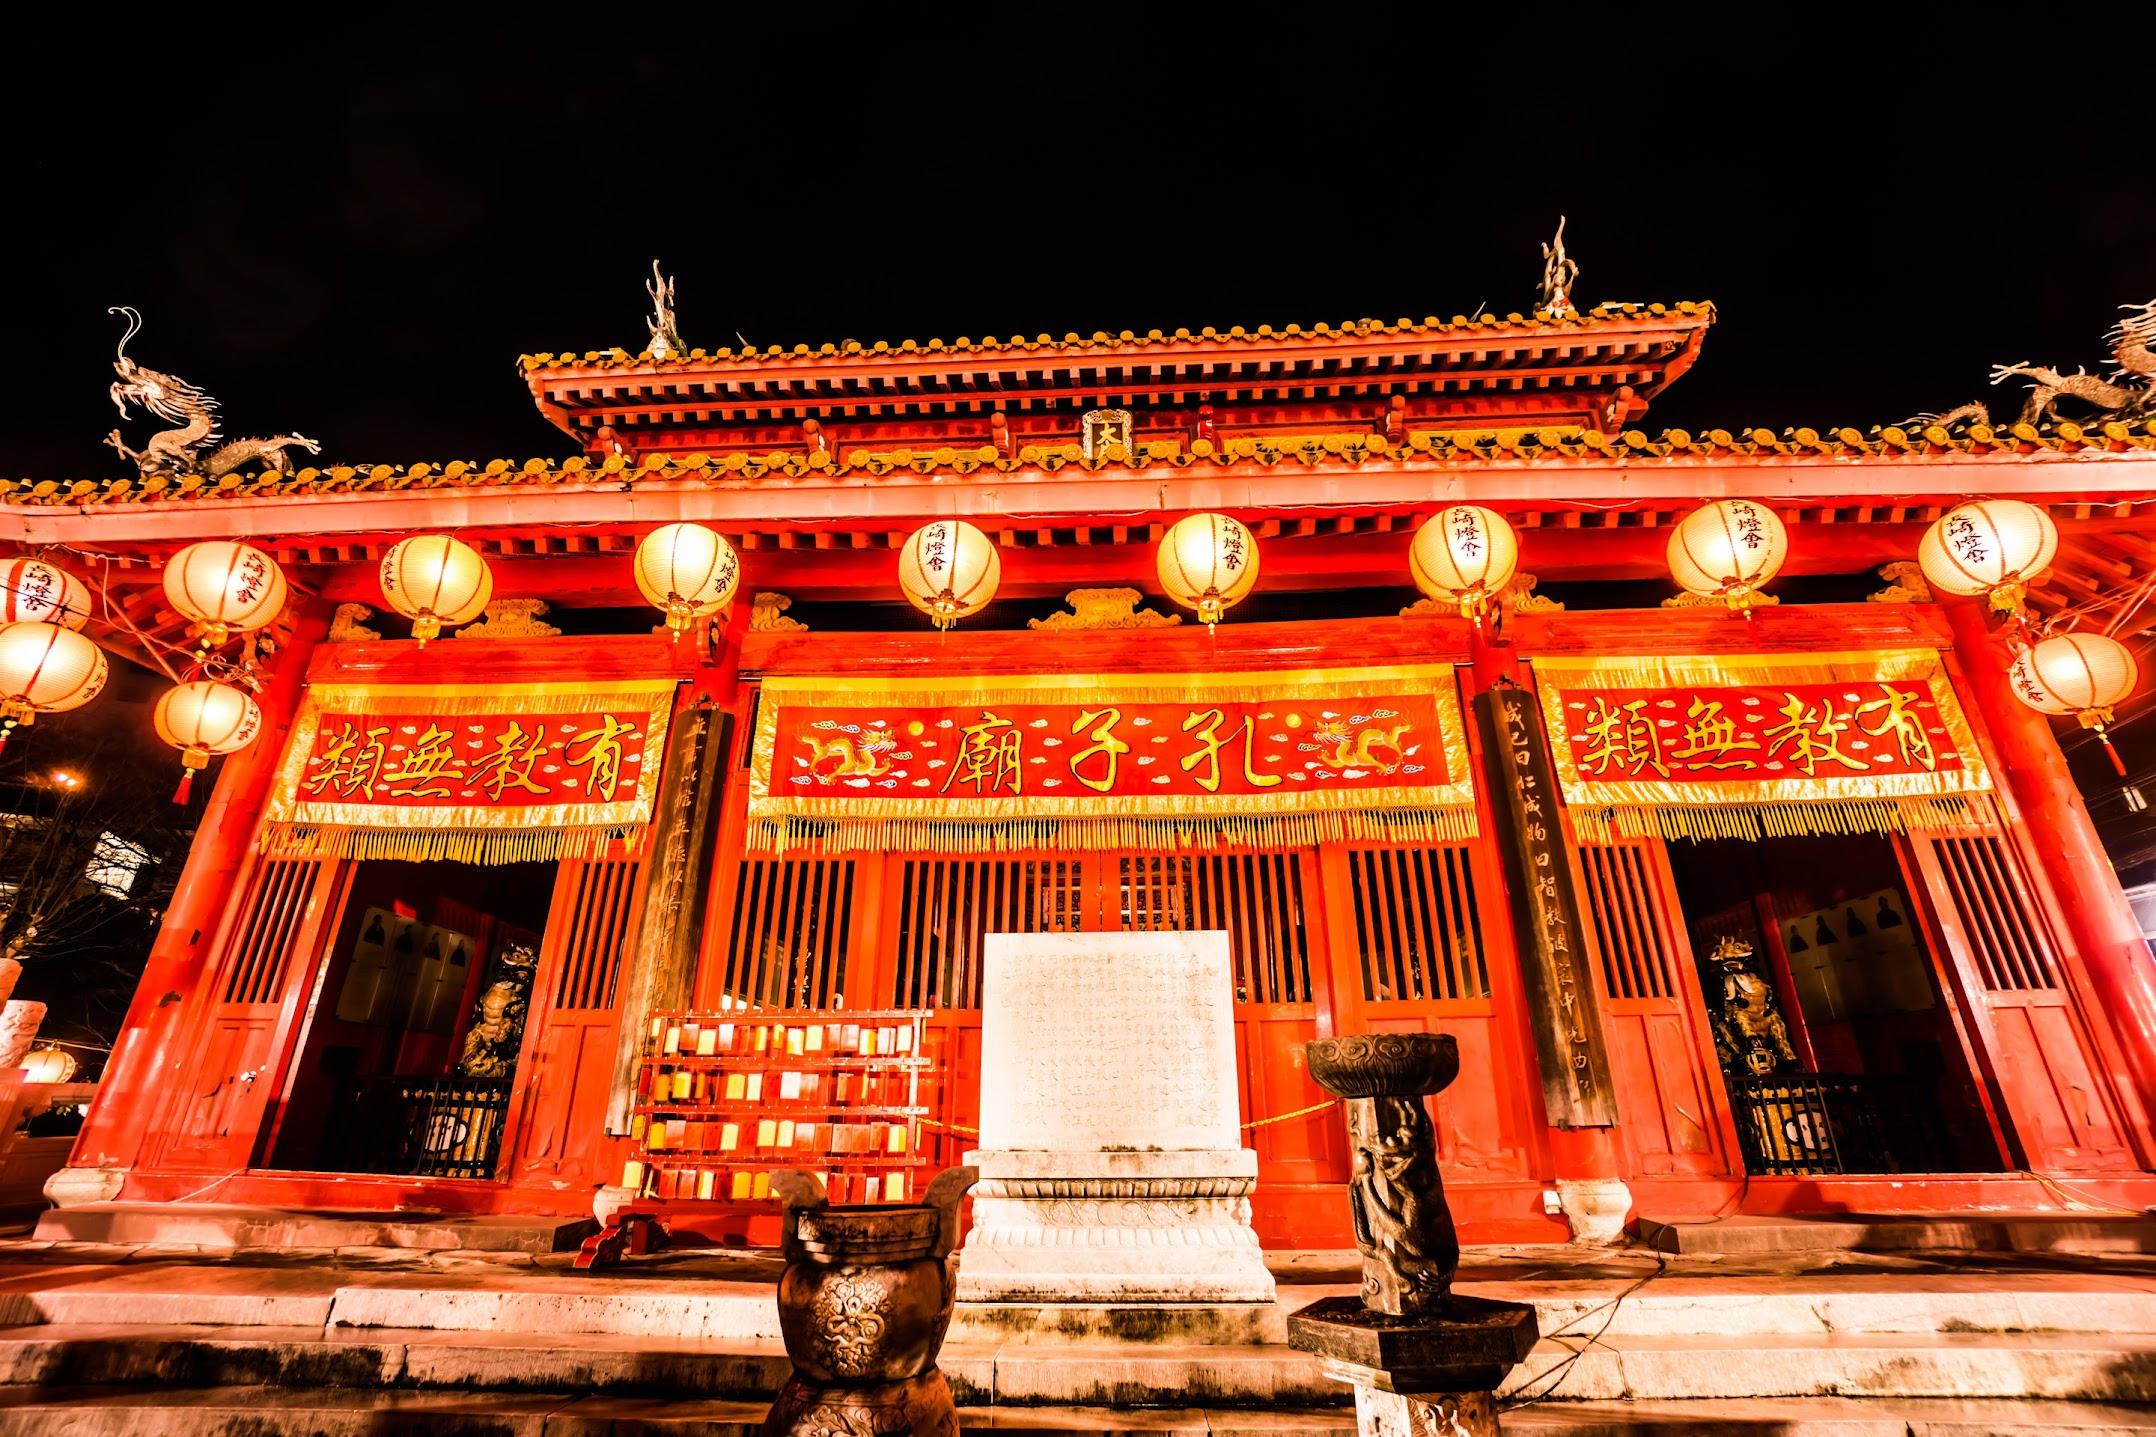 長崎ランタンフェスティバル 孔子廟3